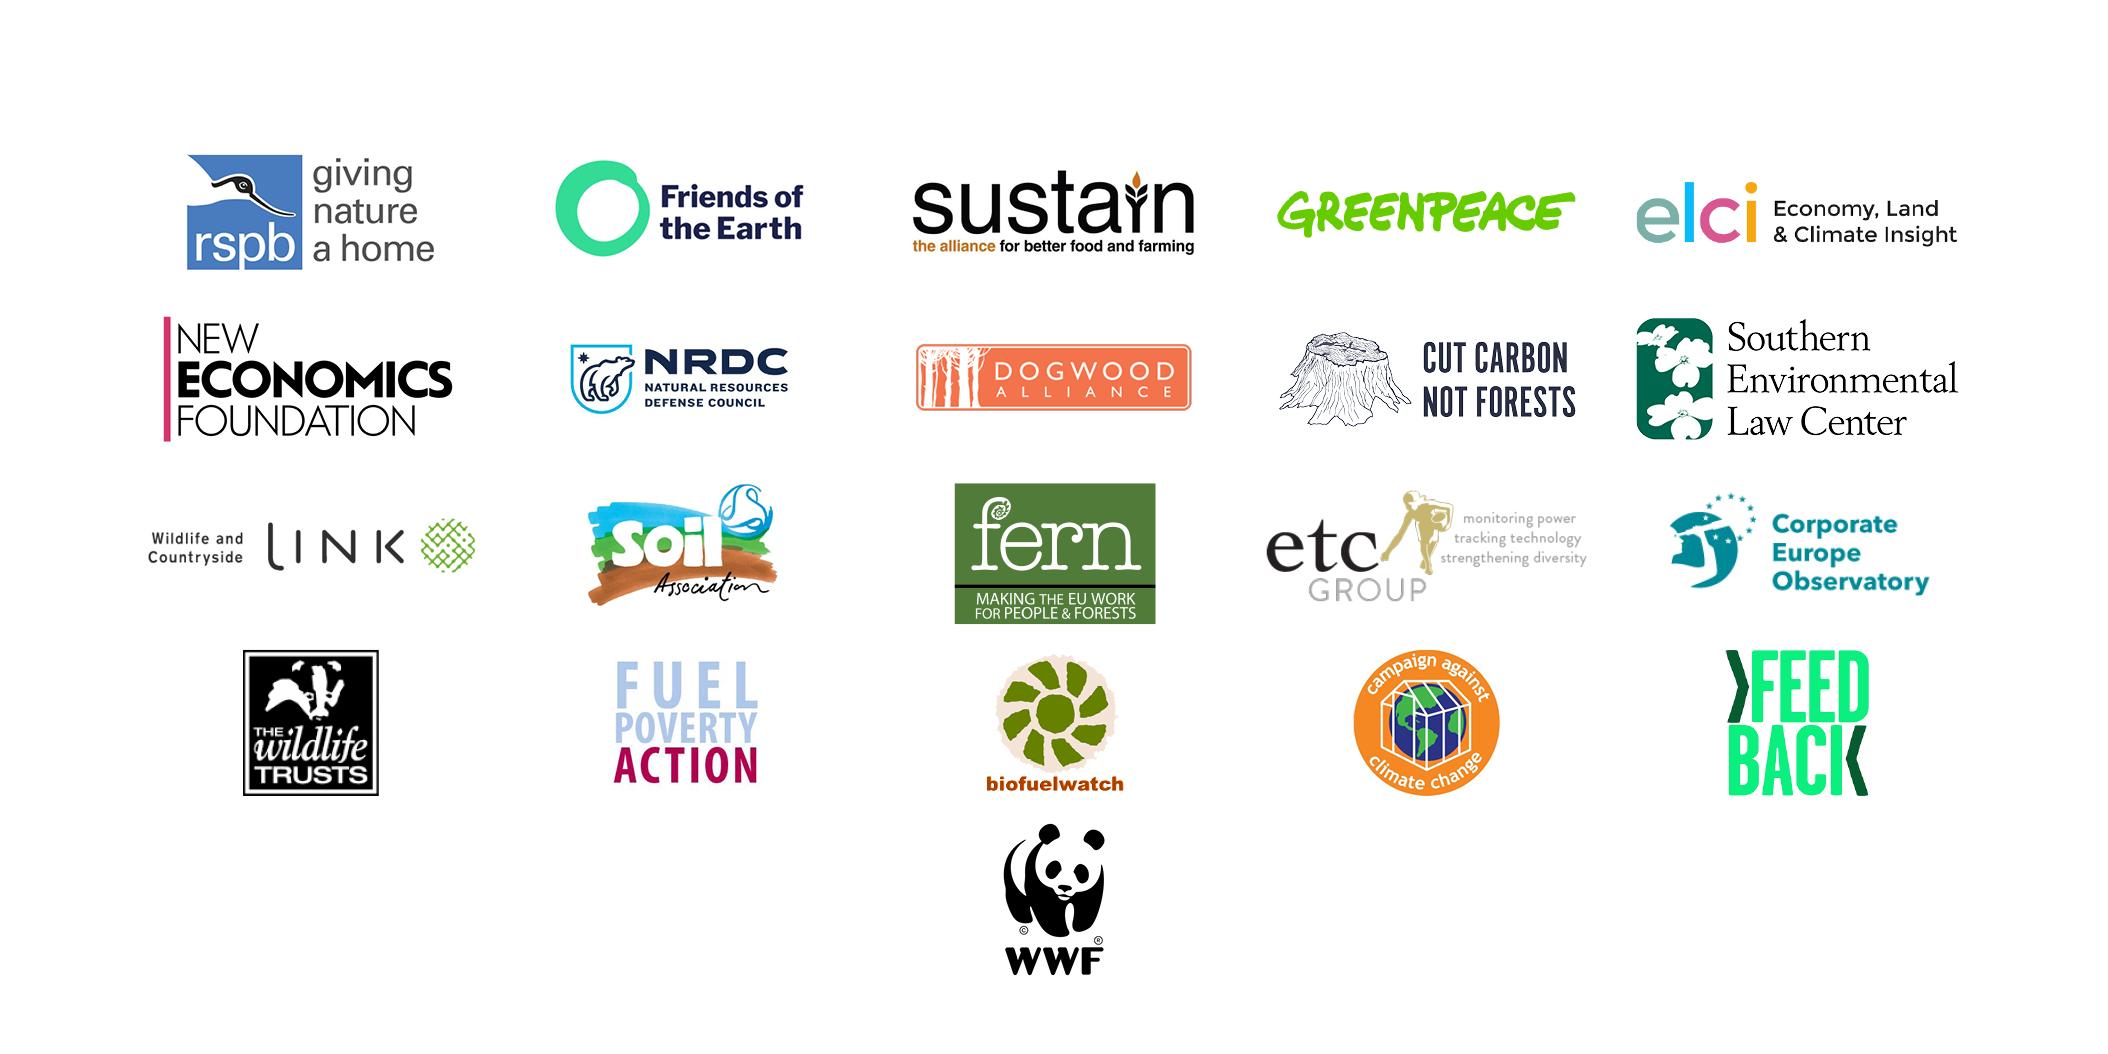 NGO Statement on Biomass